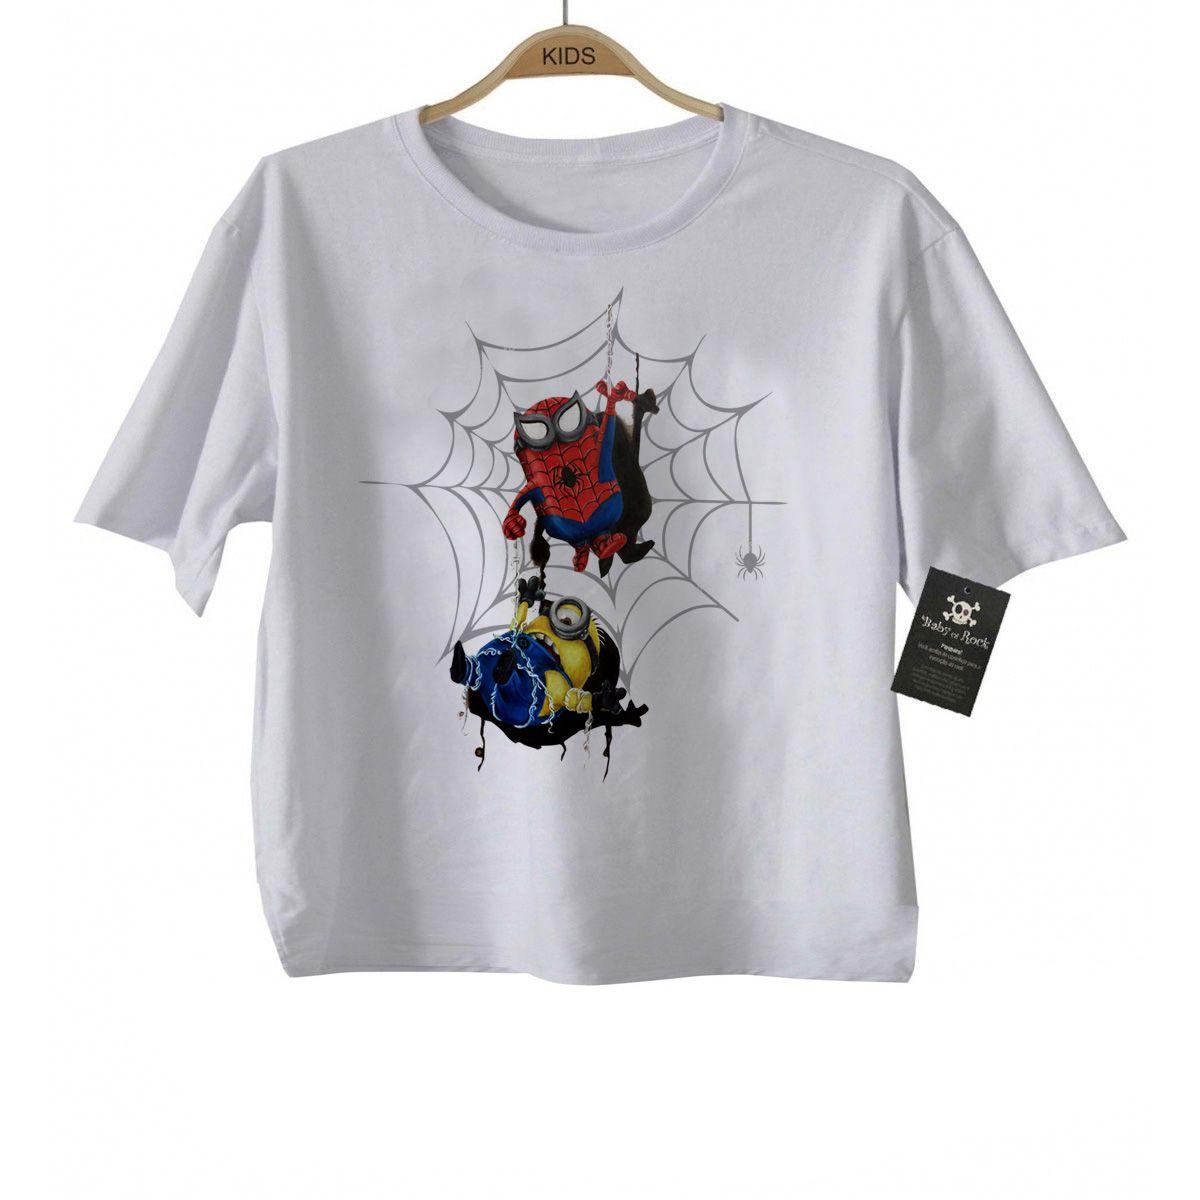 Camiseta Infantil Super Heróis - Homem Aranha Minions - White  - Baby Monster - Body Bebe